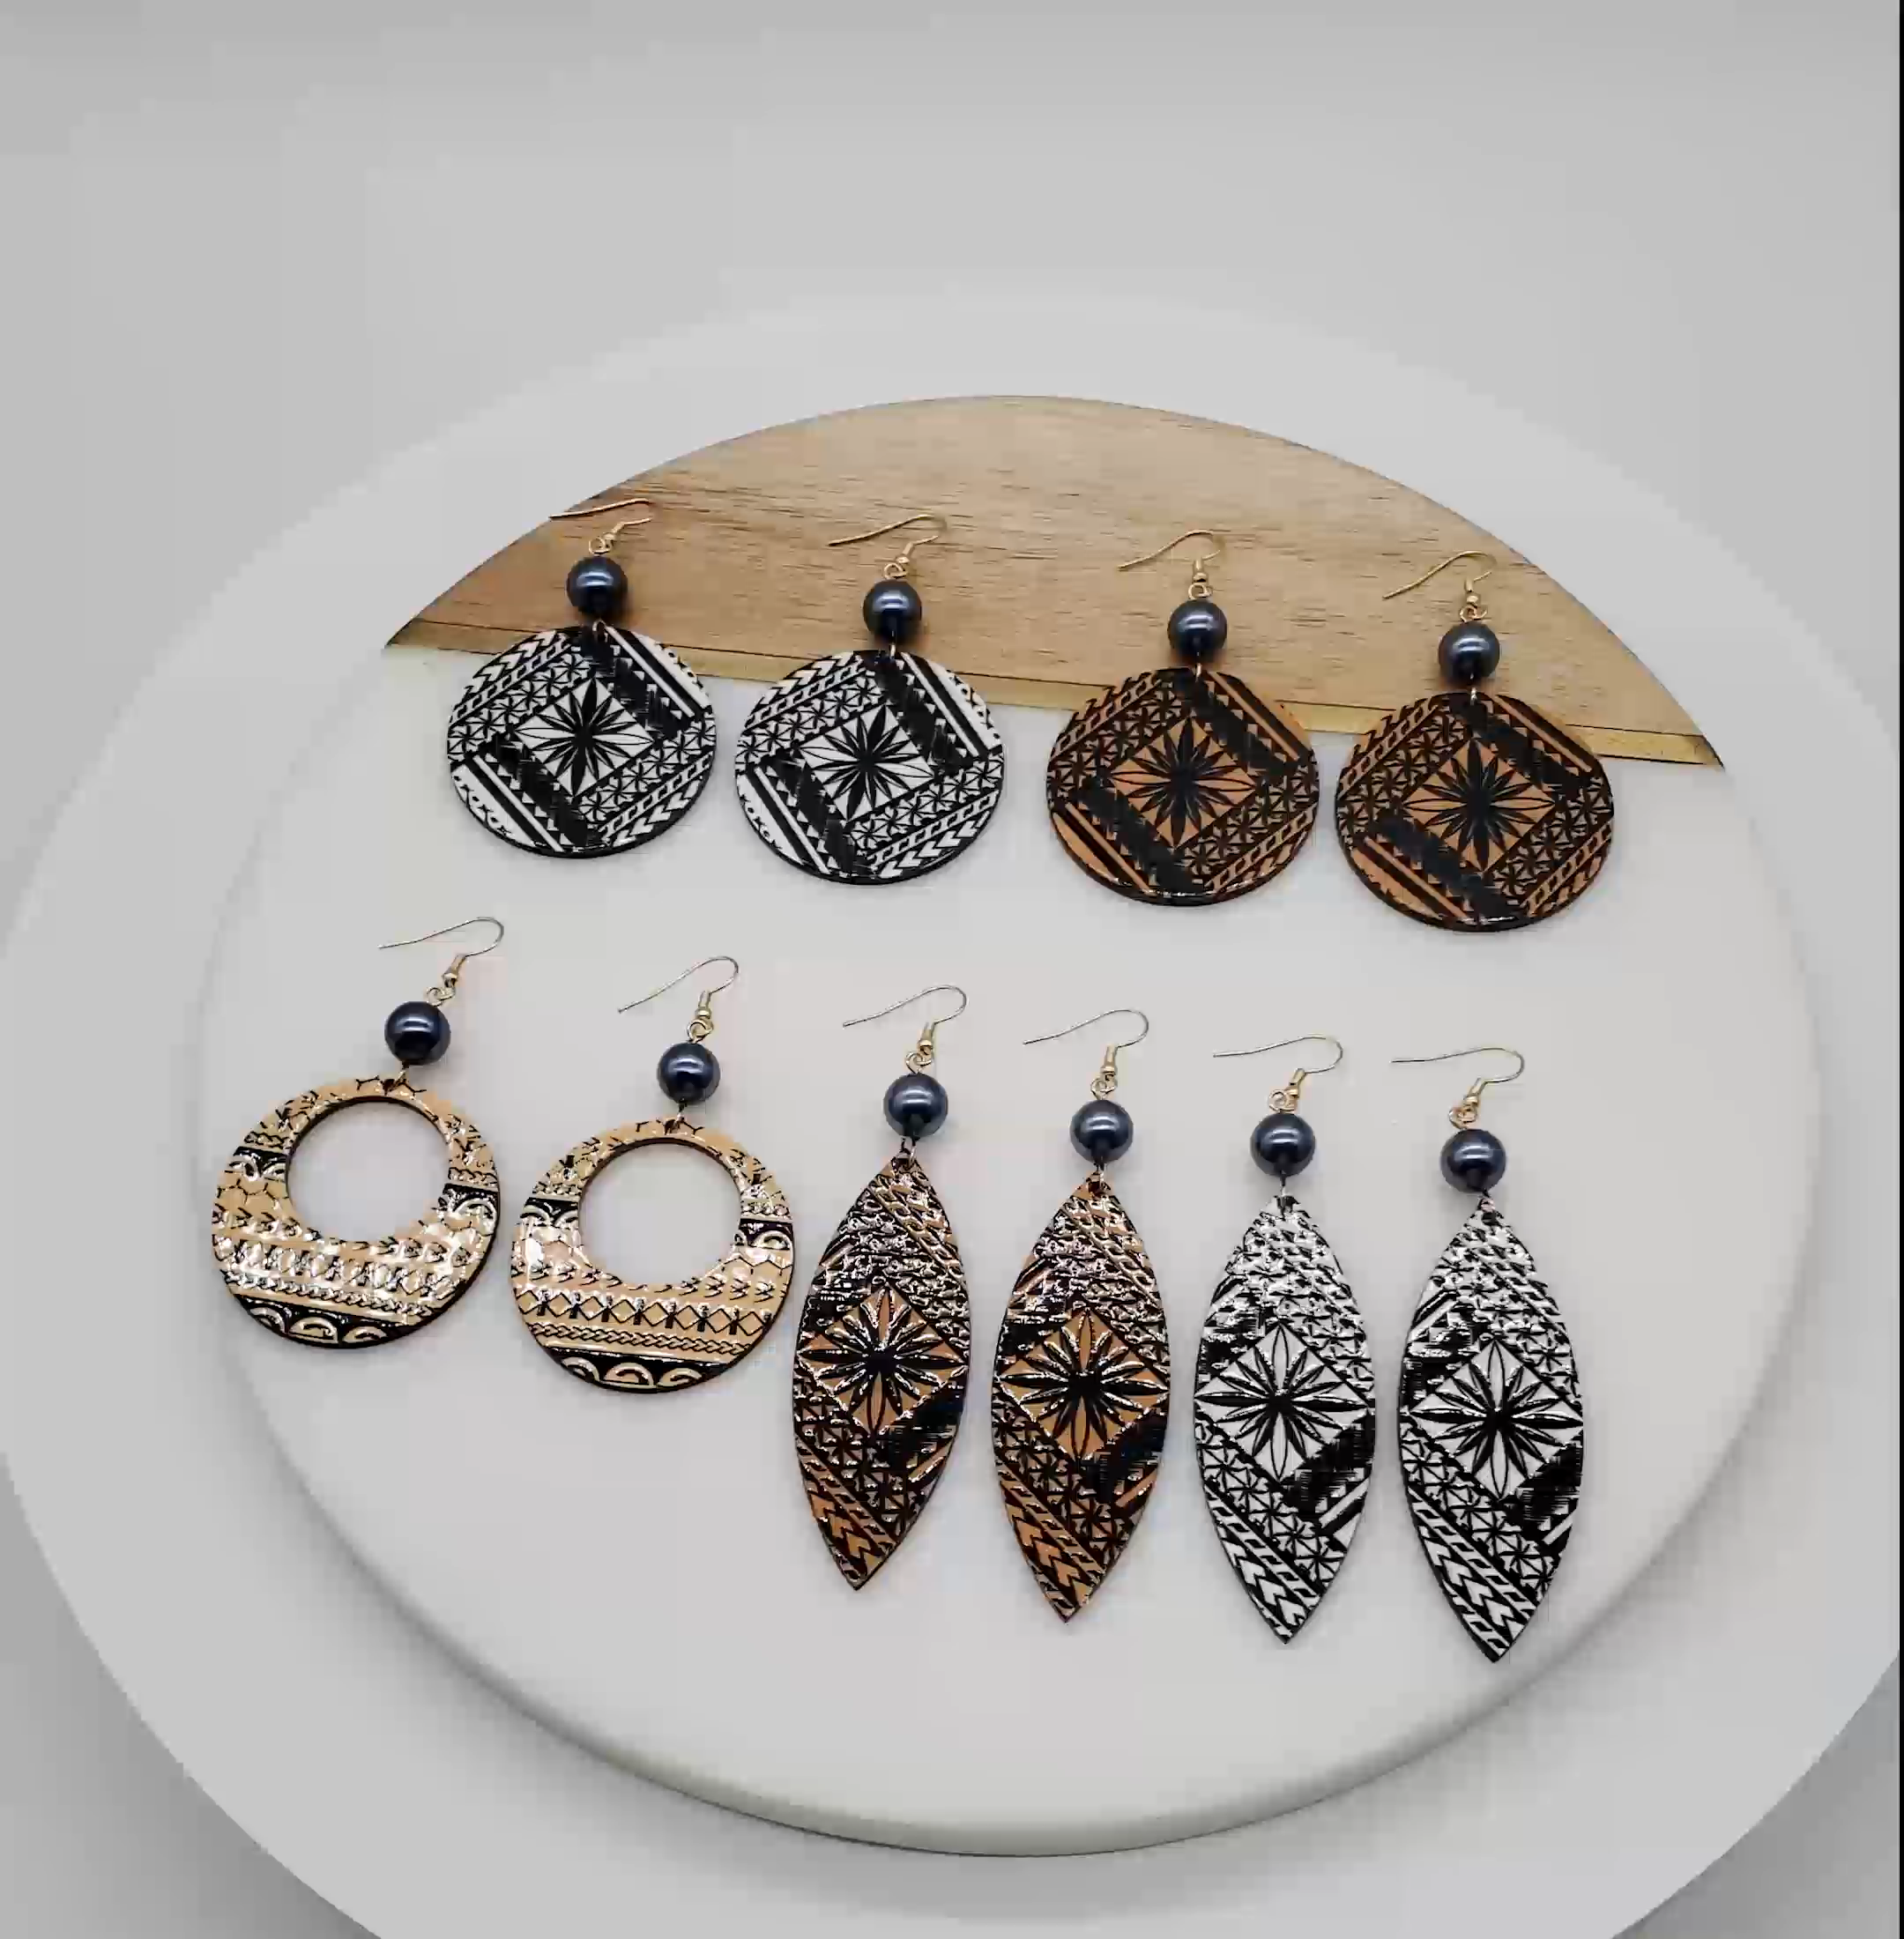 Acrylic black pearl hawaiian pattern geometric drop earrings for women 2019 wholesale